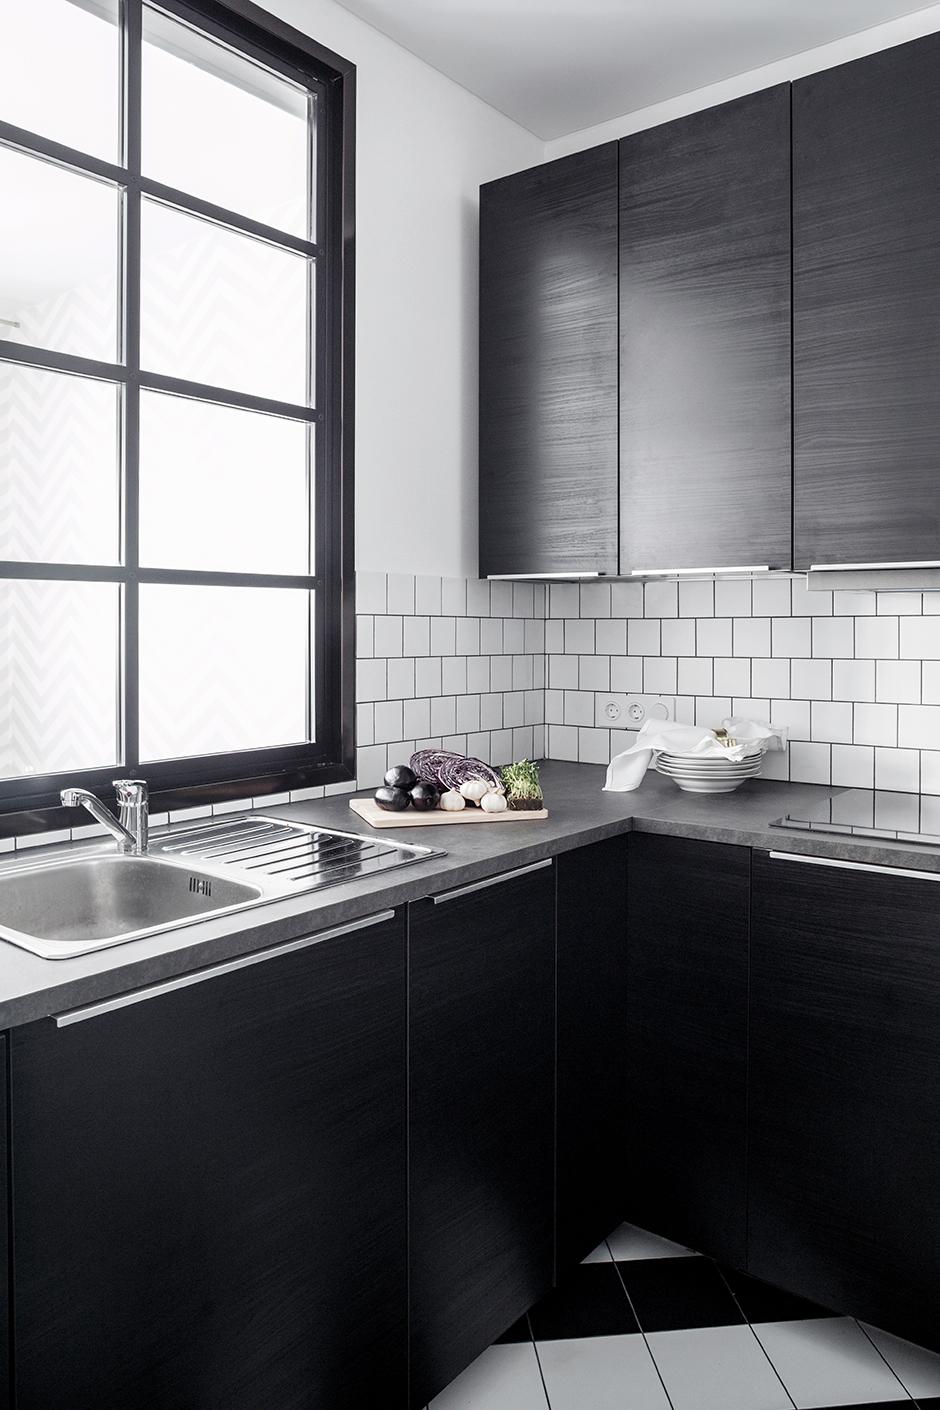 40 проектов кухонь в маленьких квартирах (галерея 0, фото 4)